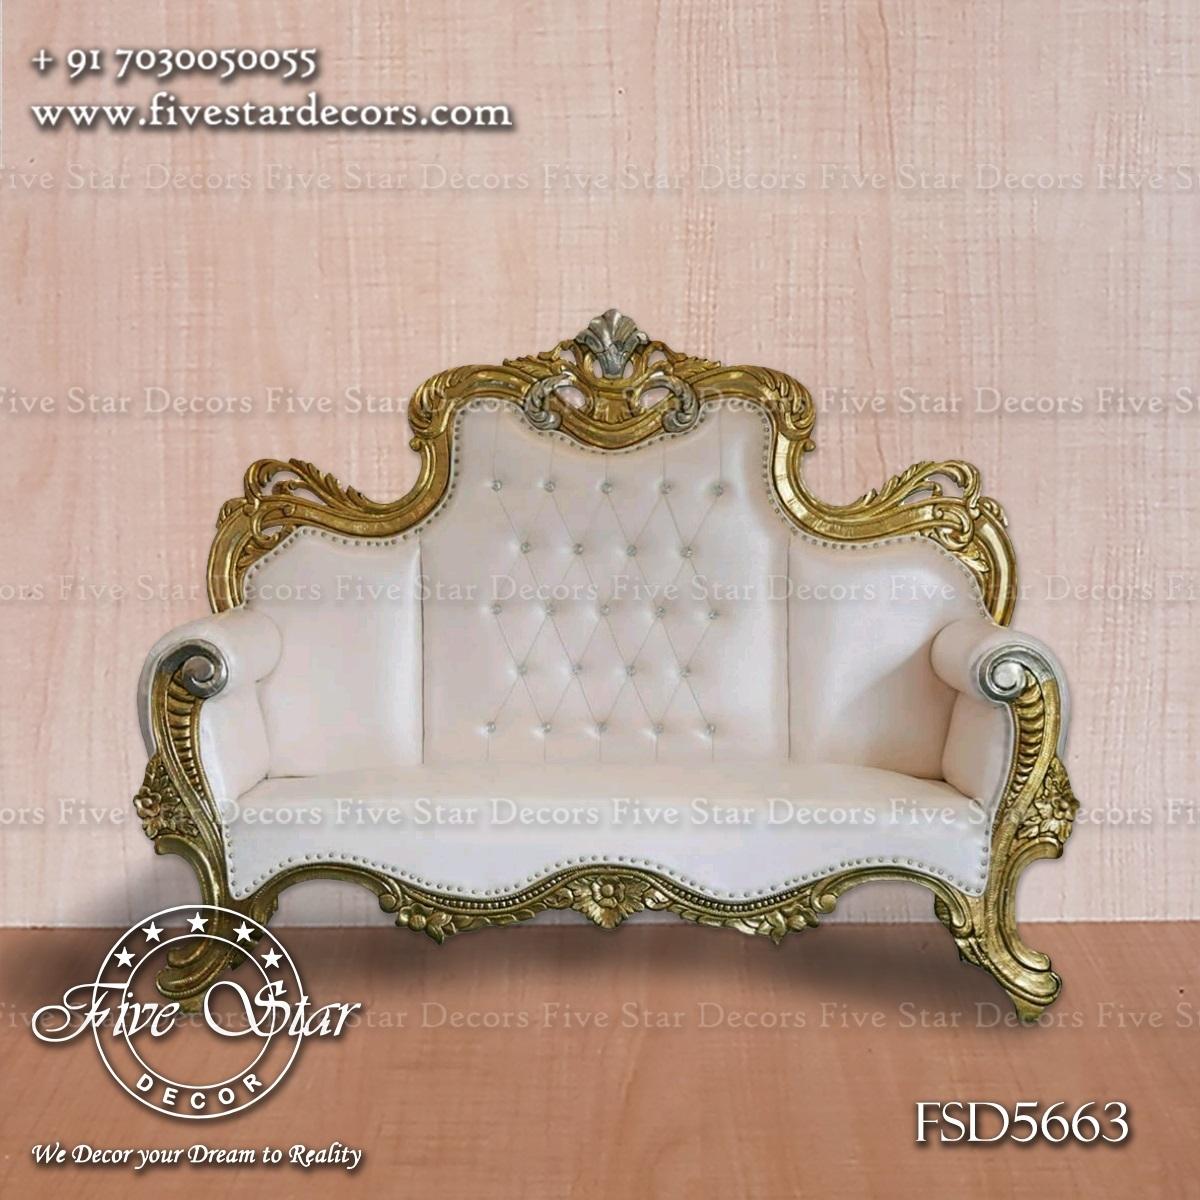 WEDDING SOFA FSD5701